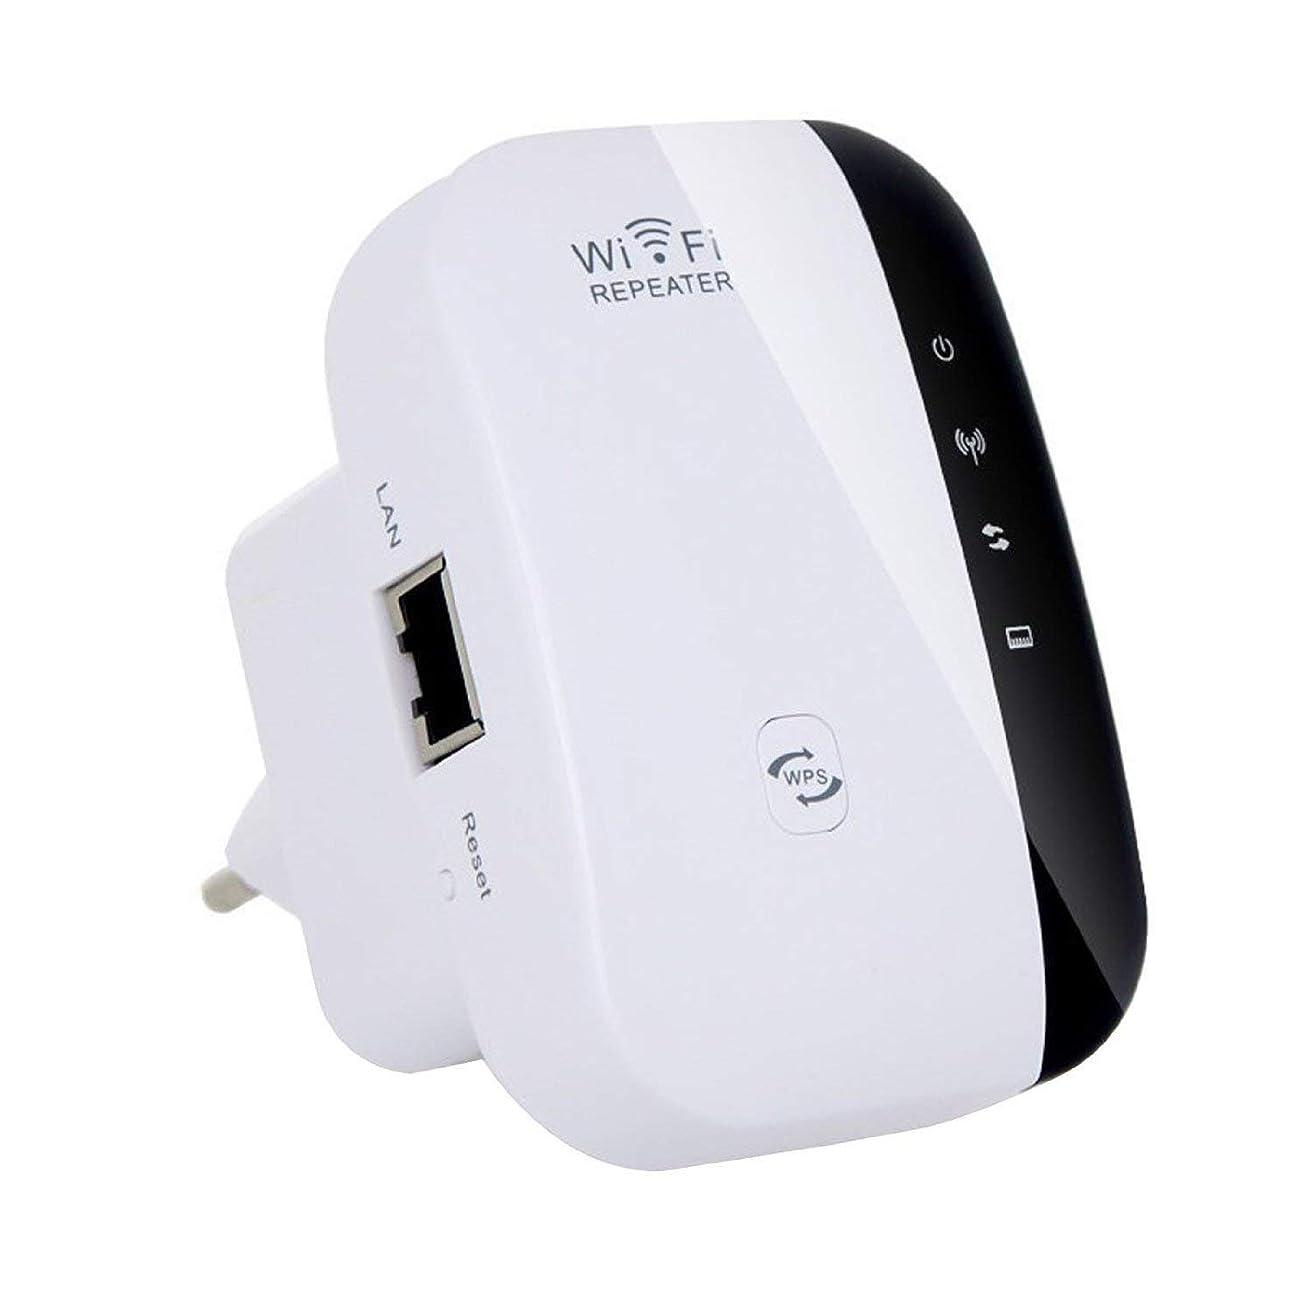 WiFiインターネットブースター、ネットワークデスゾーンの改善、WPS機能を備えたWLANネットワークアンプアクセスポイントドングル新しいチップ